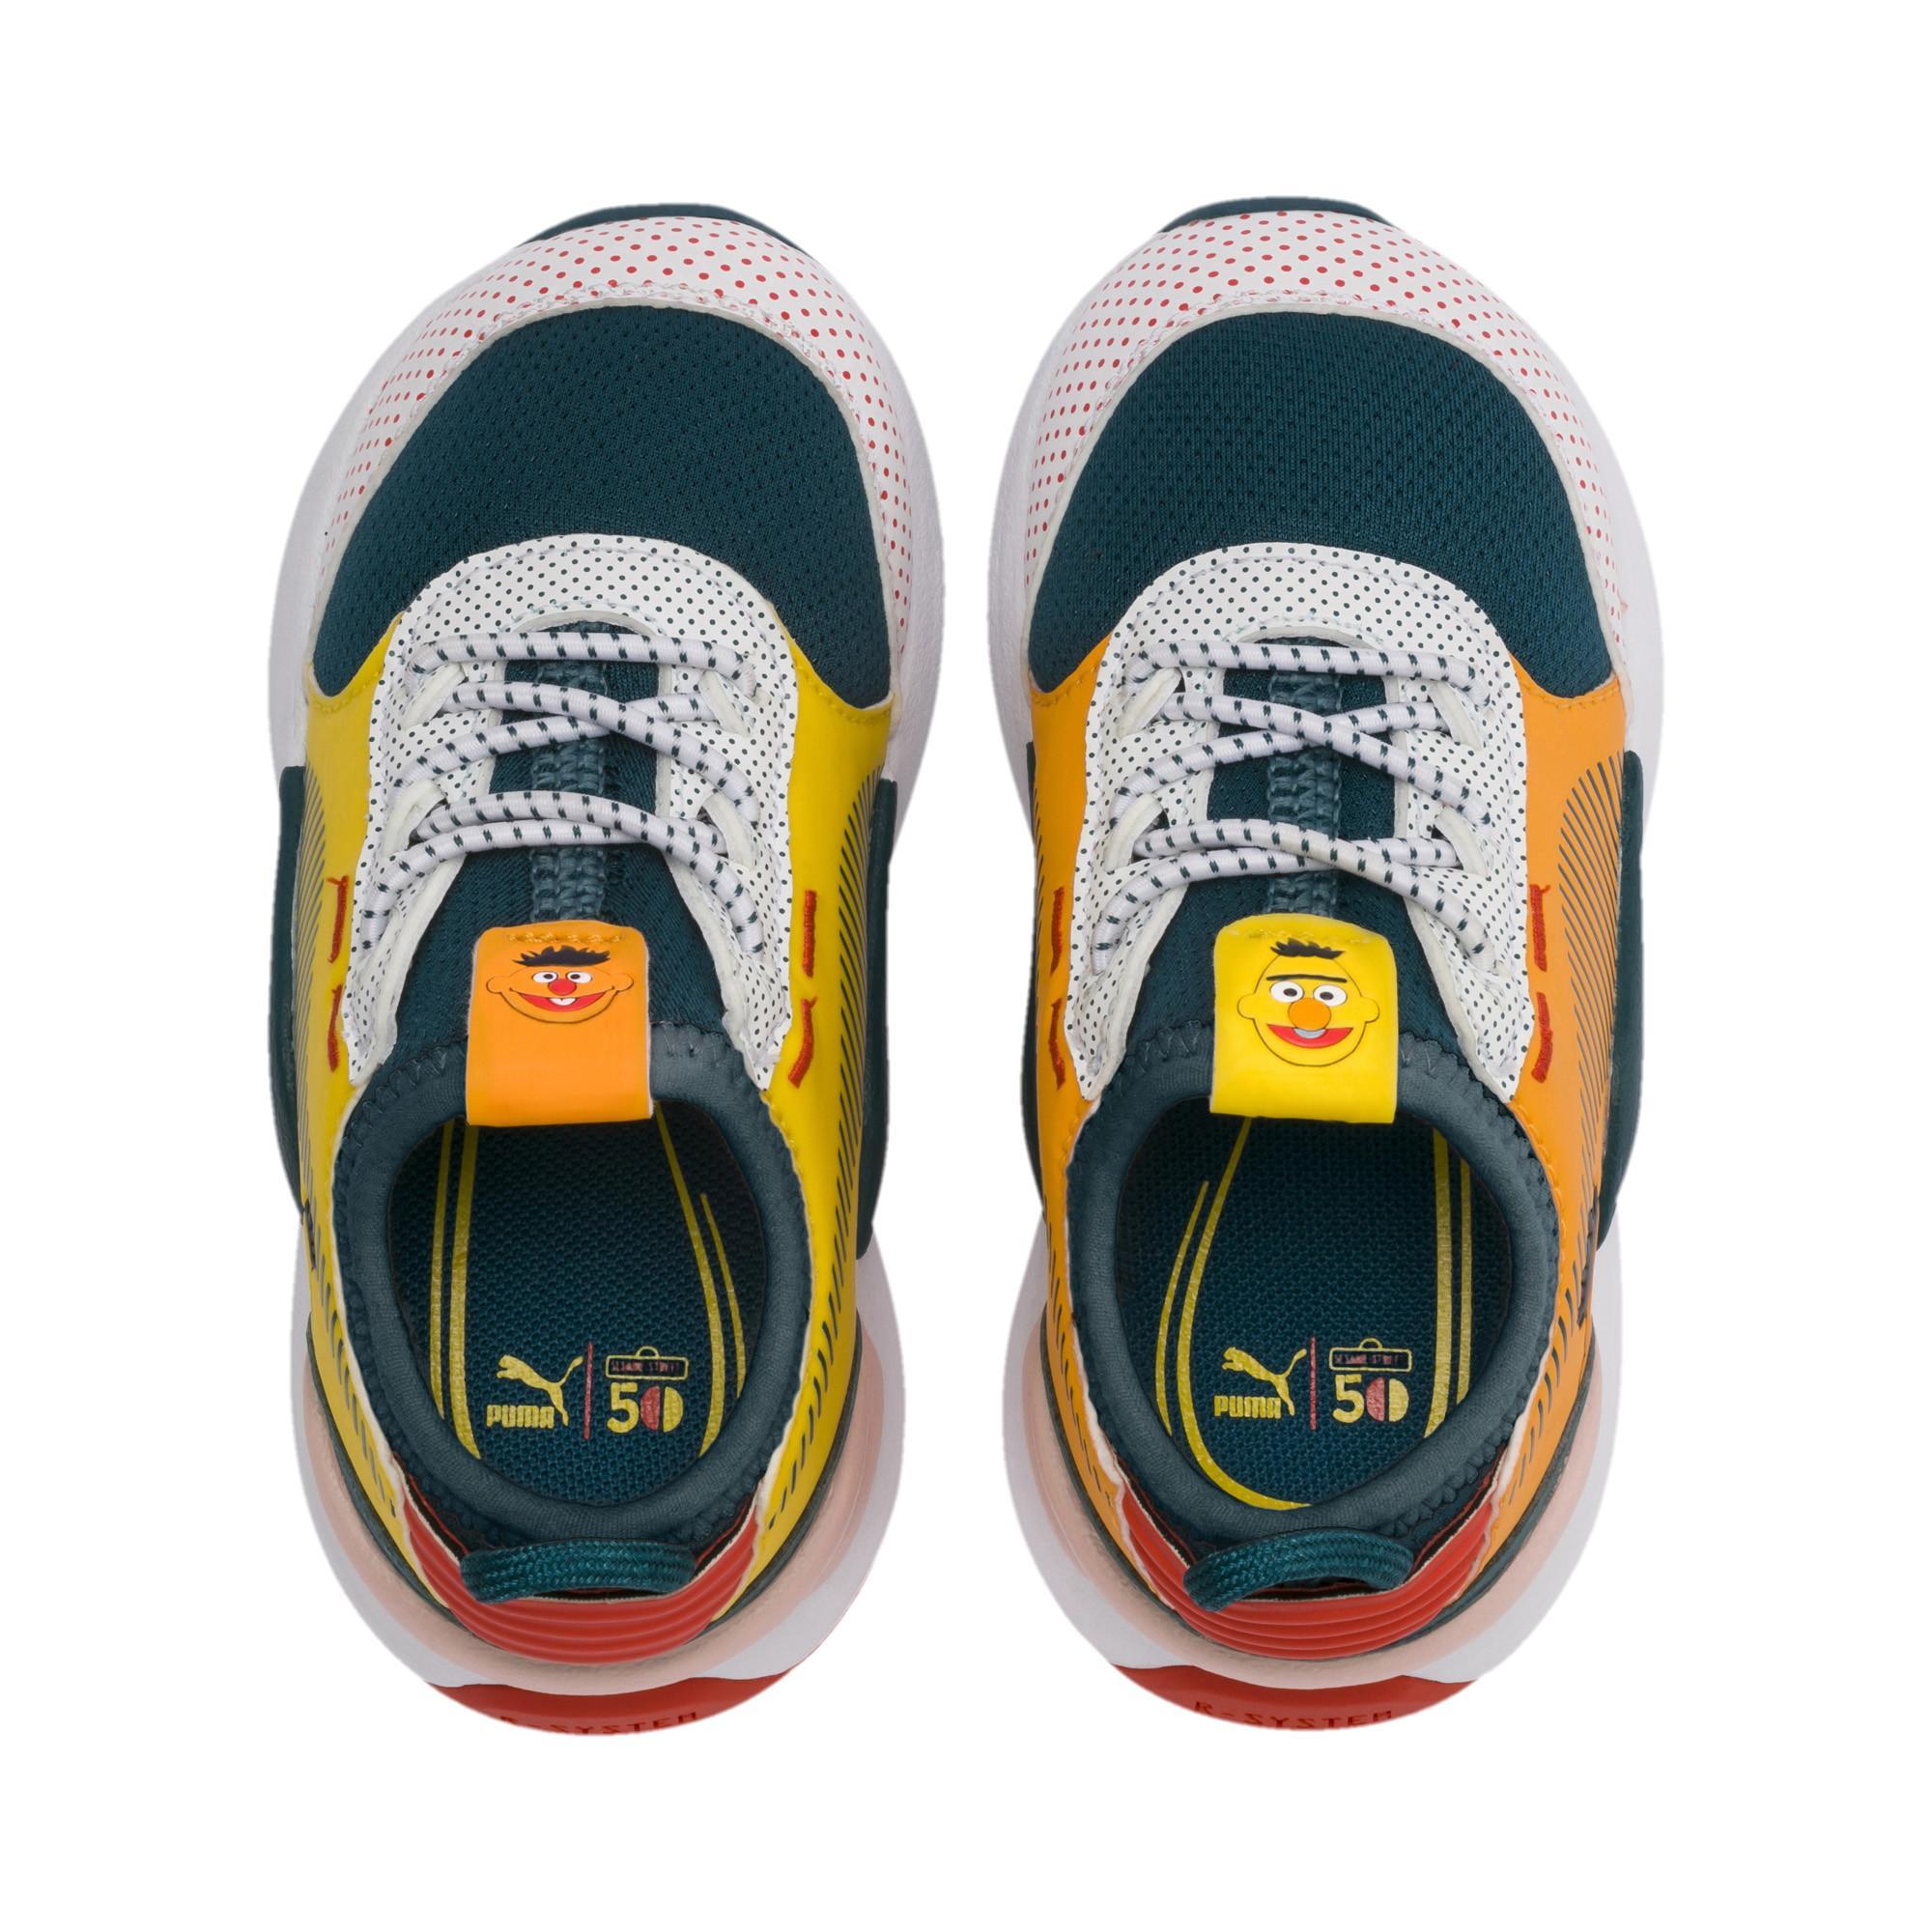 251b59d945b6f2 PUMA - Blue Sesame Street 50 Rs-0 Sneakers Ps - Lyst. View fullscreen